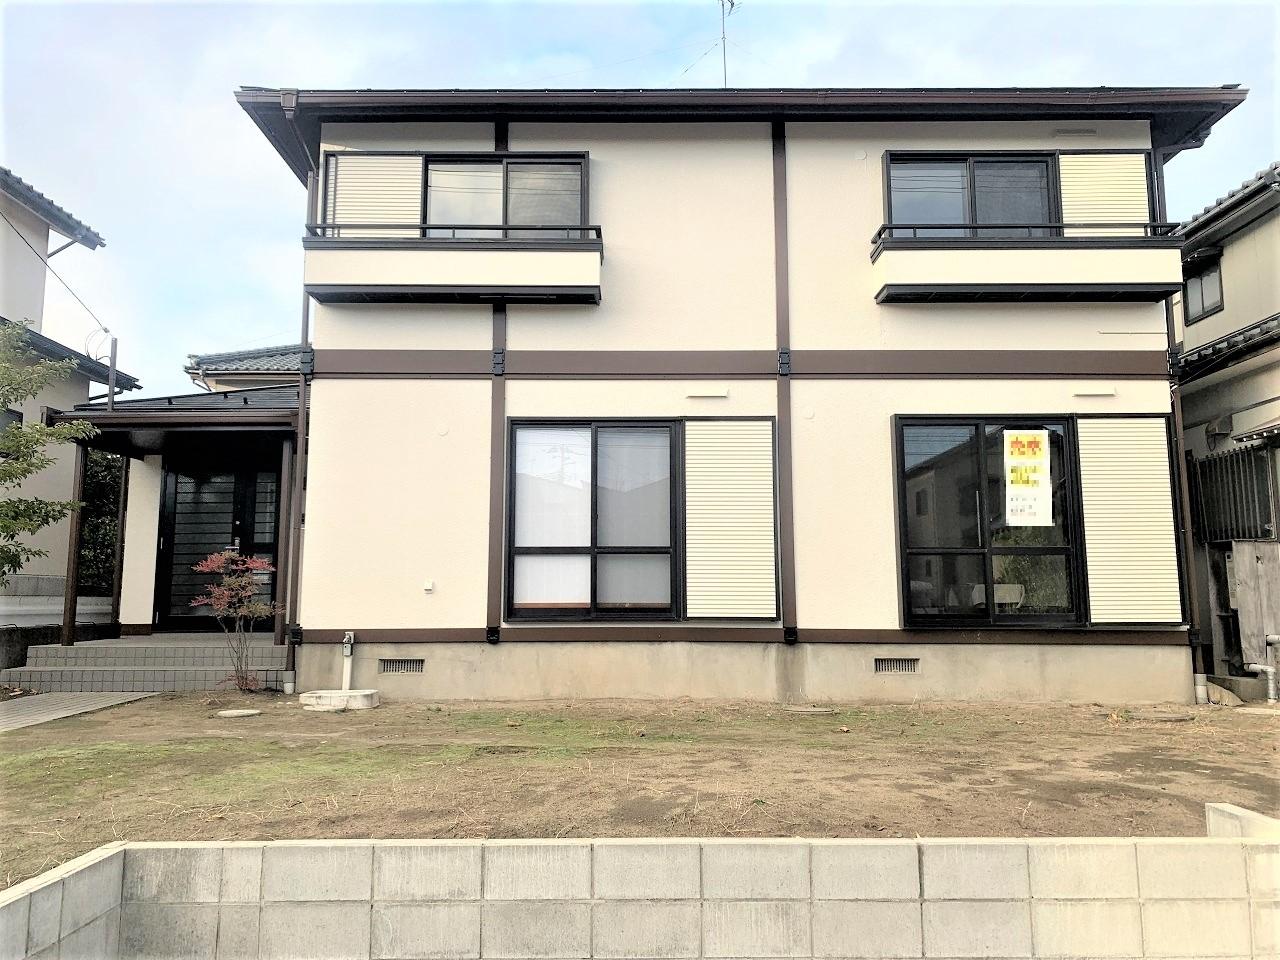 新潟市東区有楽の中古住宅の写真